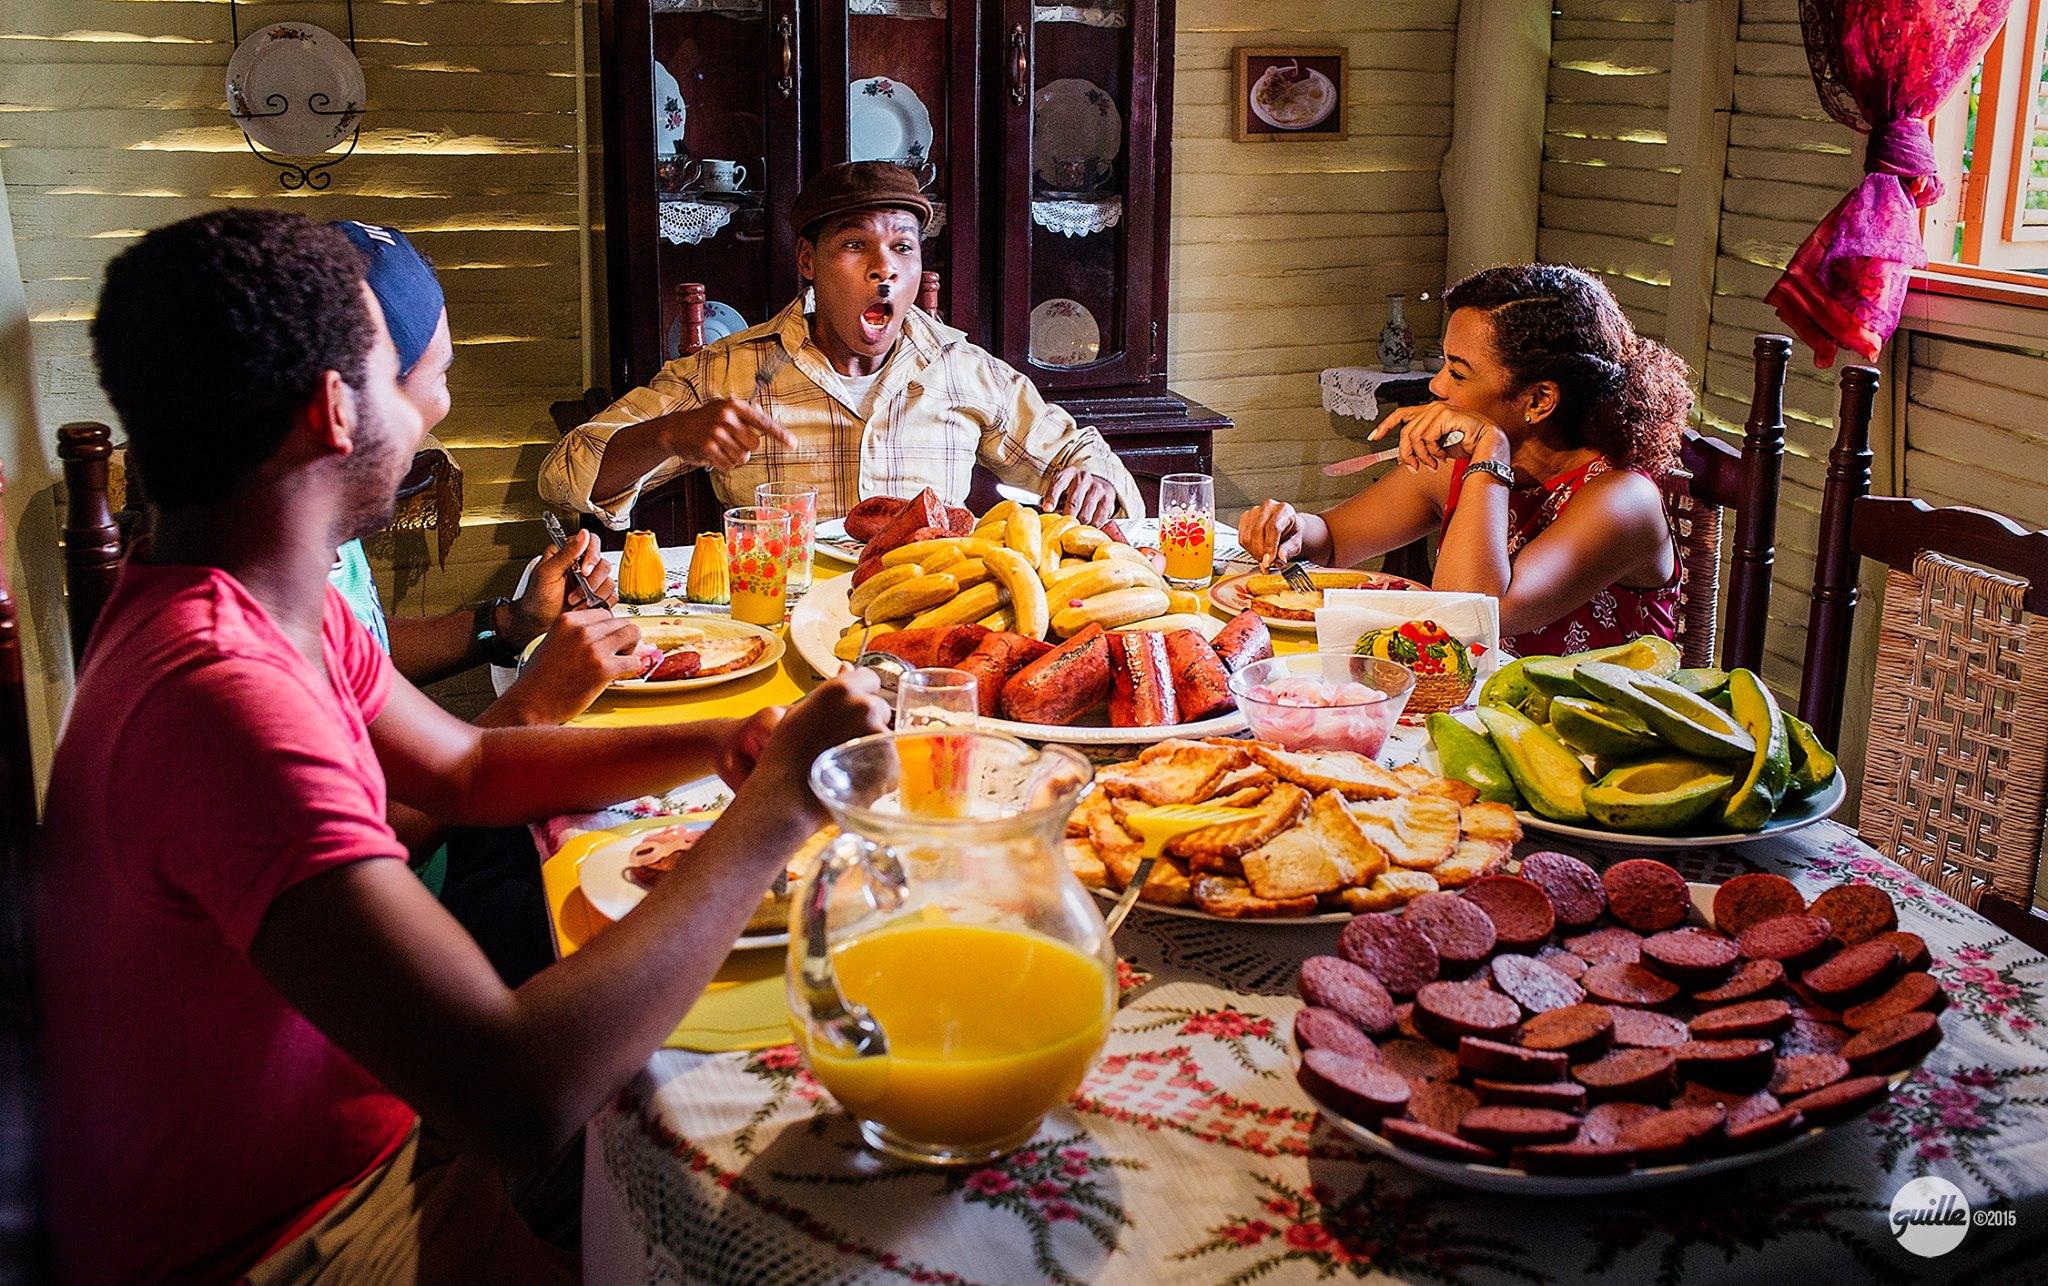 Una escena de Tubérculo Gourmet, película que llevó al cine más de medio millón de personas en el 2015.